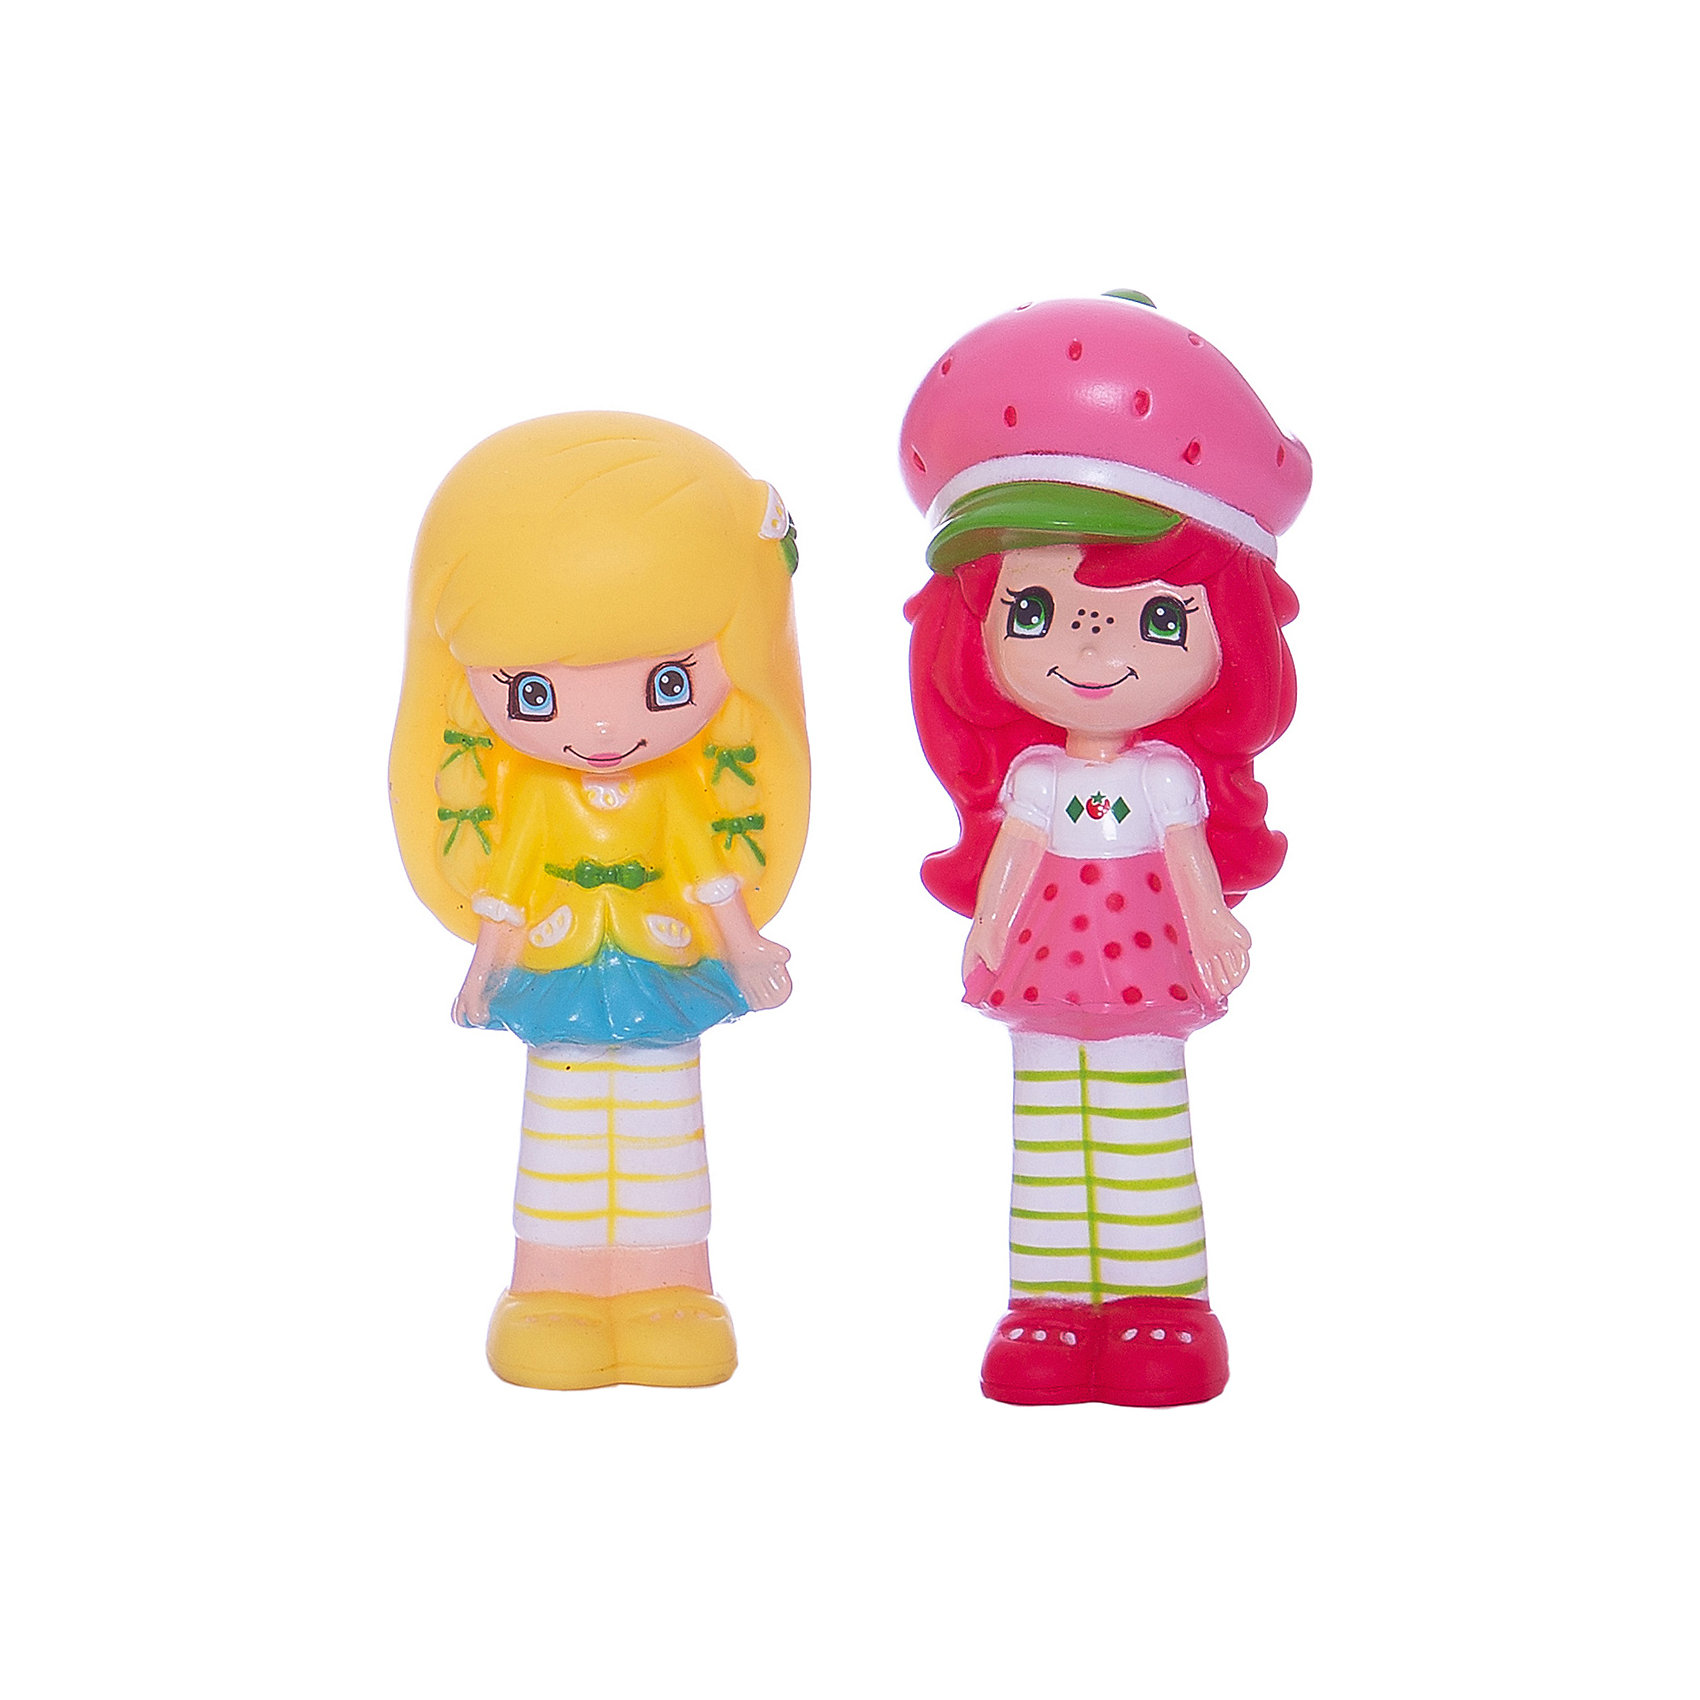 Набор из 2-х игрушек для купания Земляничка в сеткеПринцесса Земляничка<br>Кто из малышей не любит плескаться в ванне?! Сделать купание веселее помогут специальные куклы для купания. Этот набор обязательно порадует ребенка! Такие игрушки помогают детям развивать воображение, мелкую моторику, логику и творческое мышление.<br>Игрушки абсолютно безопасны для ребенка, сделаны из качественных материалов, легко моются. В них можно набирать воду и брызгаться струёй воды. В наборе - две игрушки. <br><br>Дополнительная информация:<br><br>цвет: разноцветный;<br>размер коробки: 5 х 19 х 100 см;<br>вес: 70 г;<br>материал: ПВХ;<br>комплектация: две игрушки.<br><br>Набор из 2-х игрушек для купания Земляничка в сетке, можно купить в нашем магазине.<br><br>Ширина мм: 50<br>Глубина мм: 190<br>Высота мм: 100<br>Вес г: 70<br>Возраст от месяцев: 6<br>Возраст до месяцев: 48<br>Пол: Женский<br>Возраст: Детский<br>SKU: 4913605